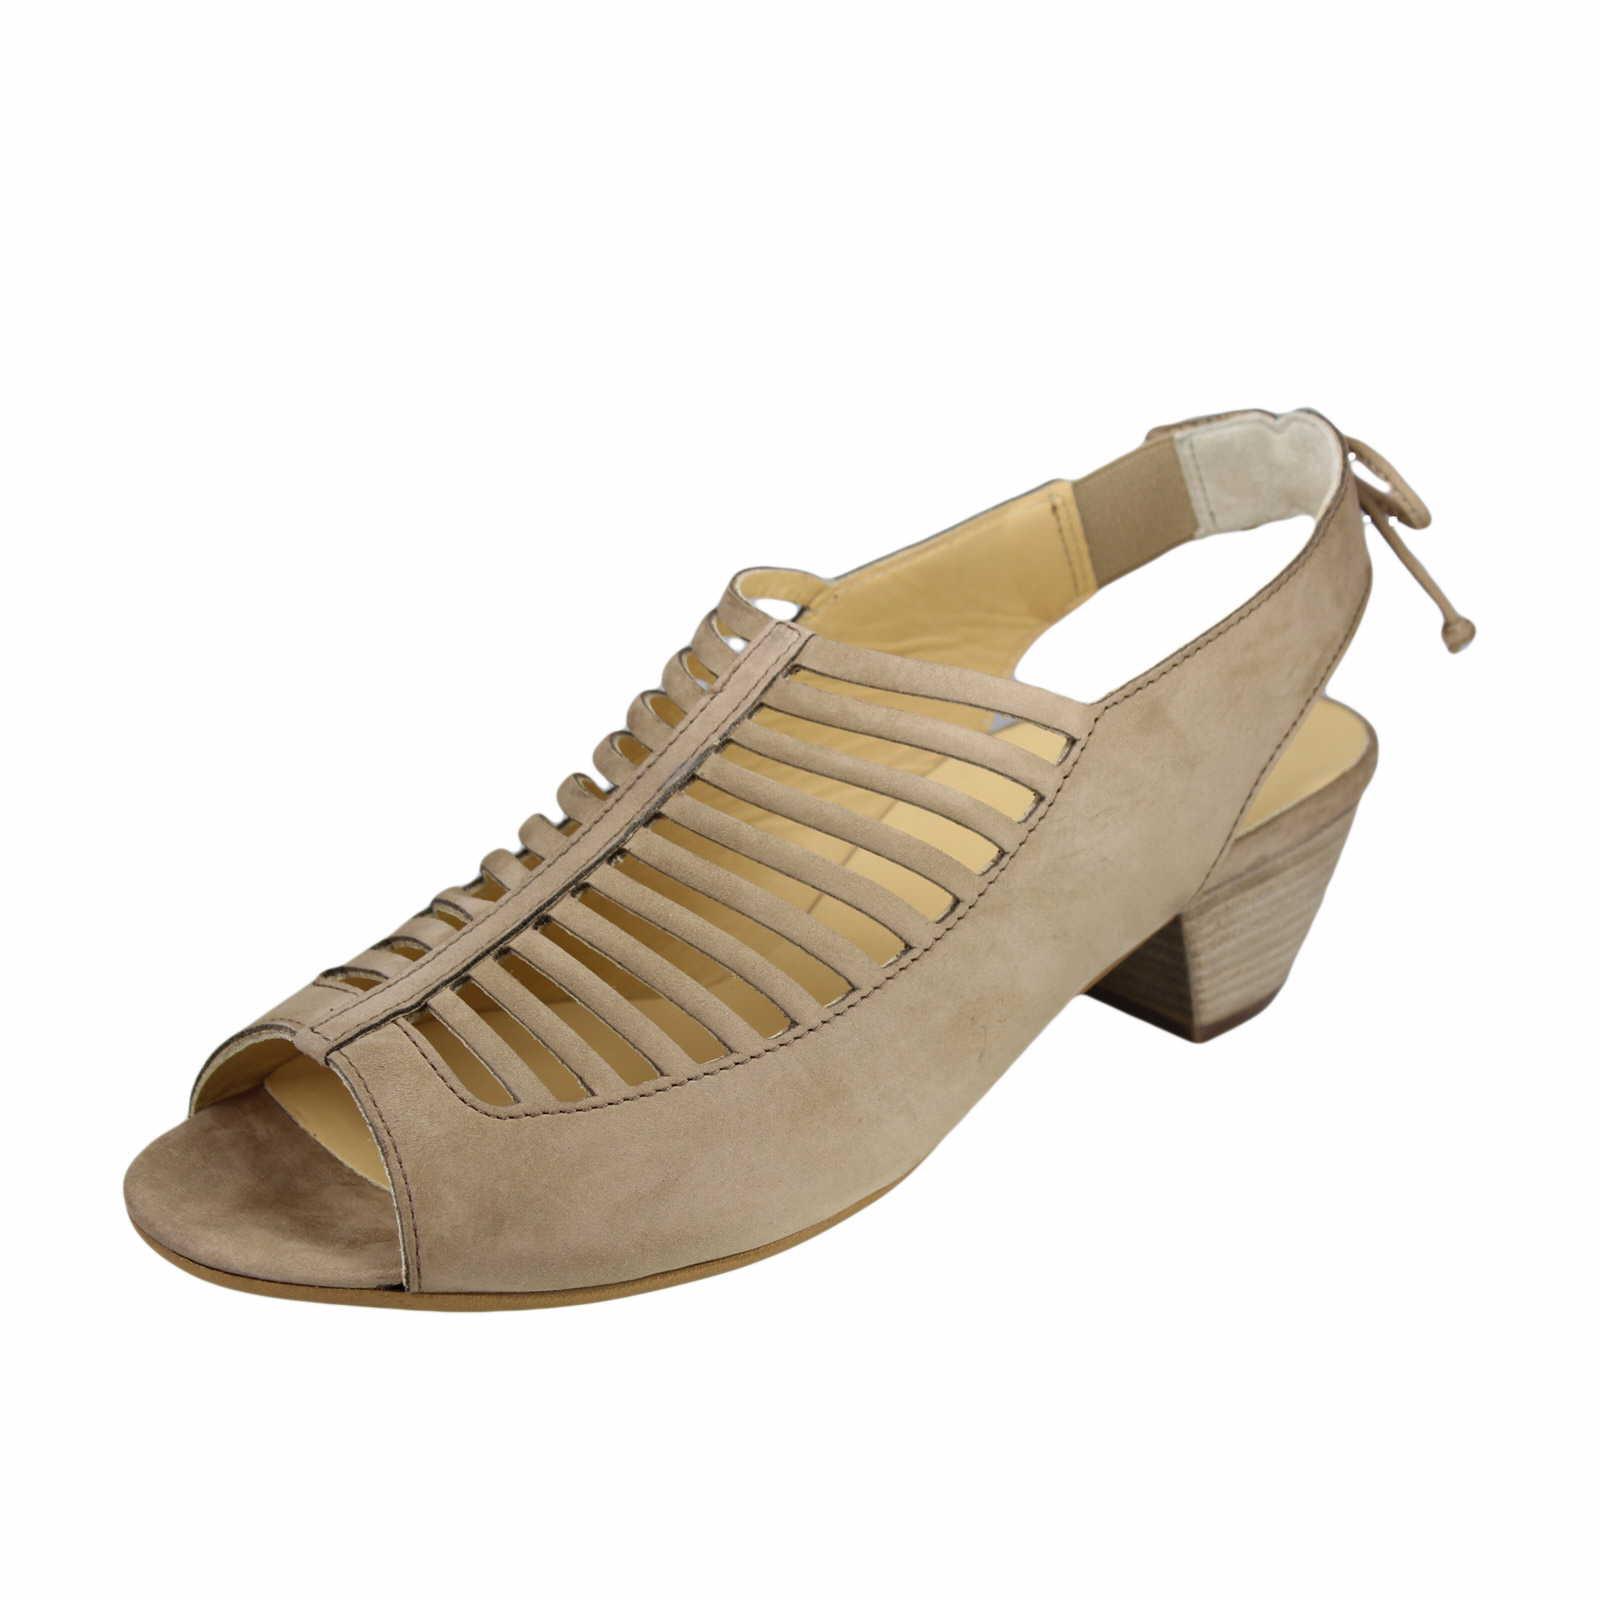 Damen Sandalette sisal - 6589-097